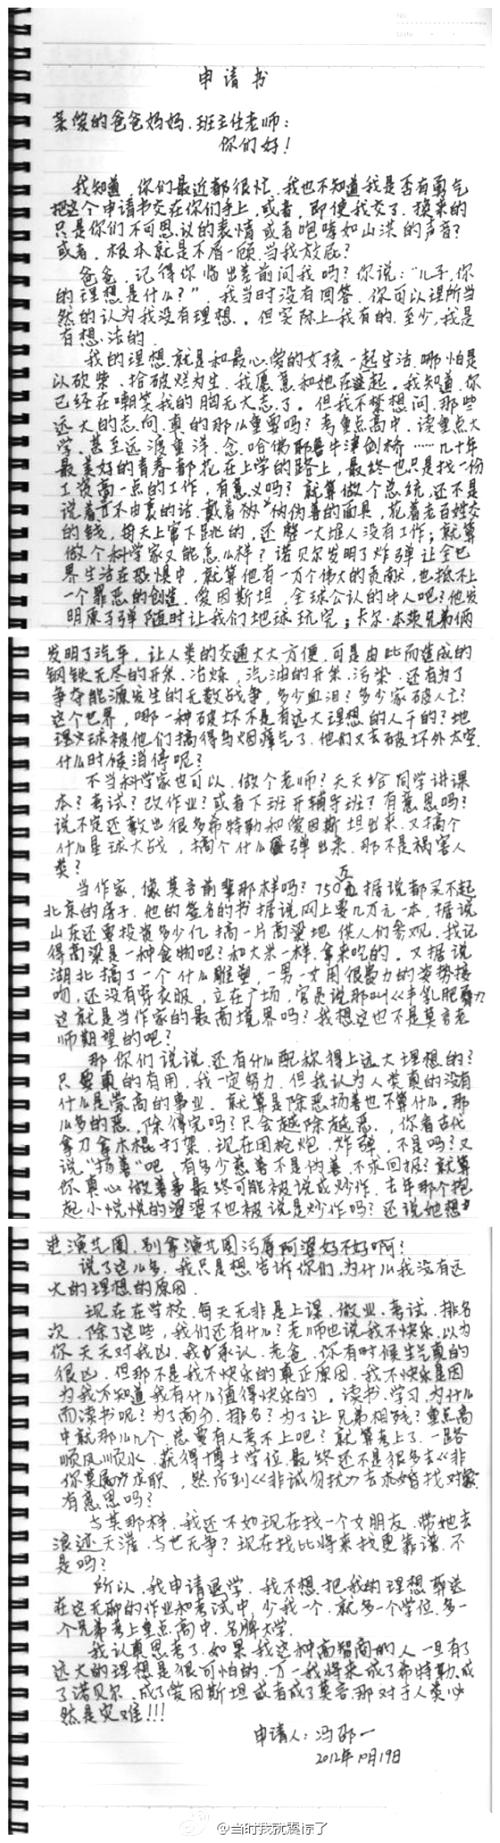 检讨书之七 - 老肖 - 肖立安博客